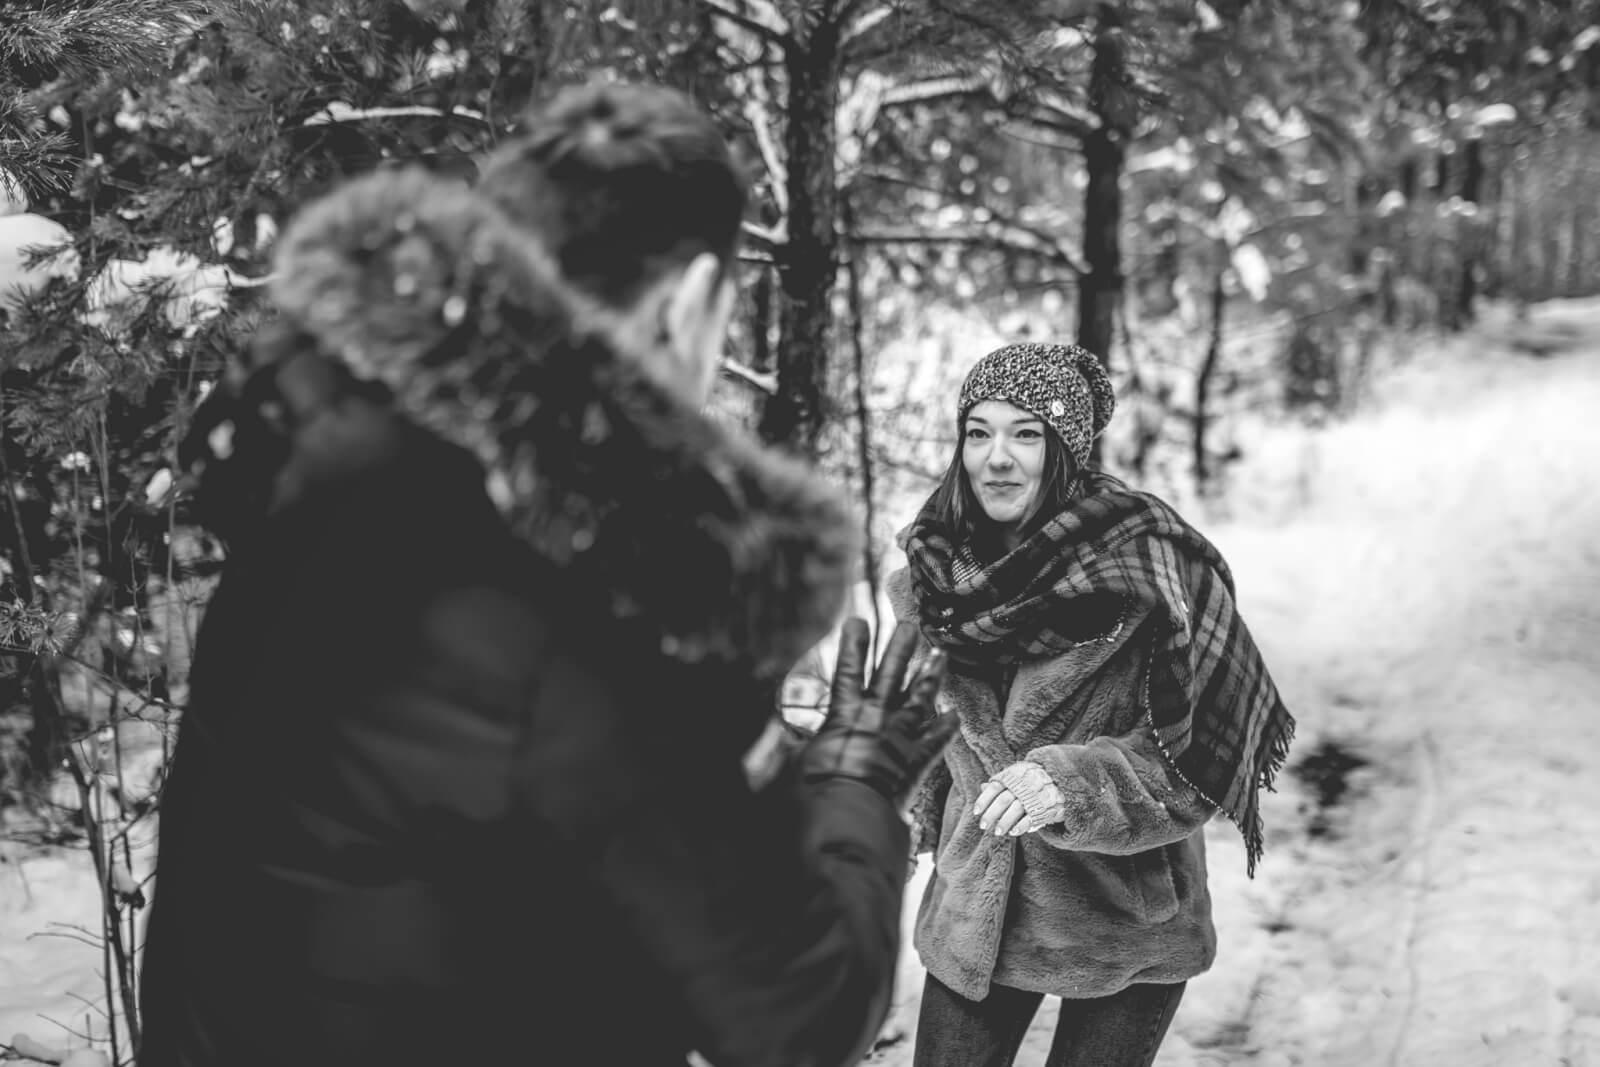 Sesja narzeczenska Anita i Adrian 10 01 2021 Marta Trzcinska Fotografia 7 - Zimowa sesja narzeczeńska Anity i Adriana - Starogard Gdański